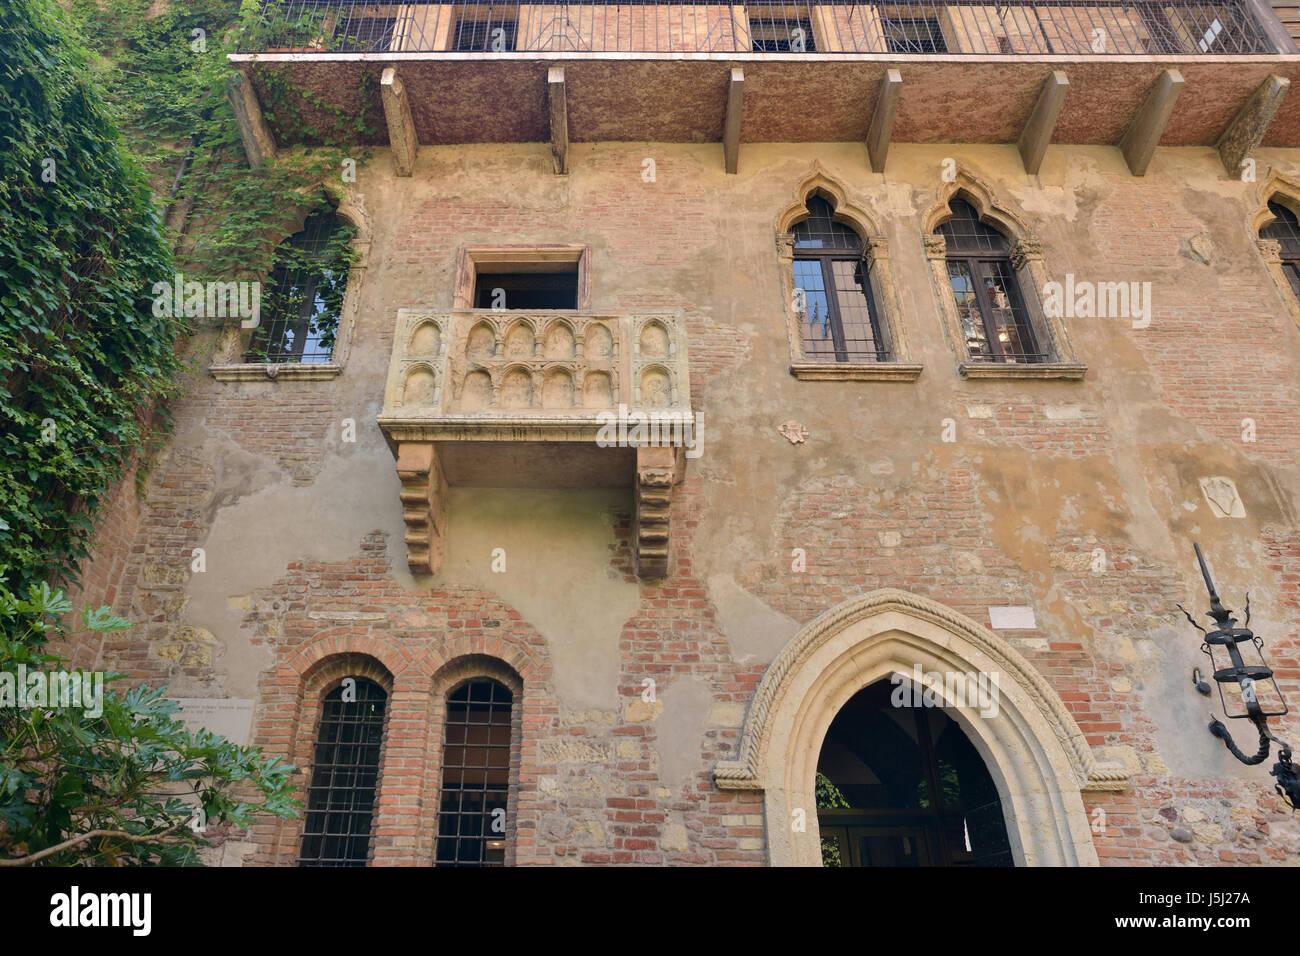 La casa de Julieta en Verona con balcón Foto de stock